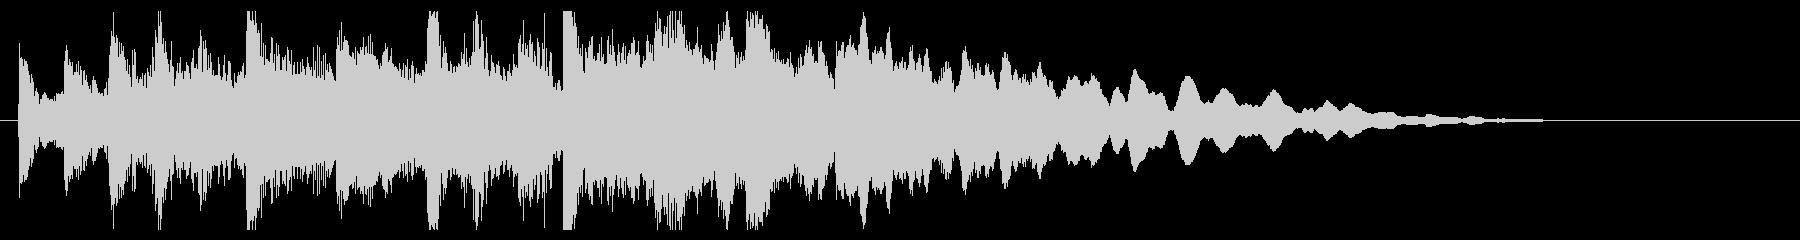 キラキラとポップなベルのイントロジングルの未再生の波形